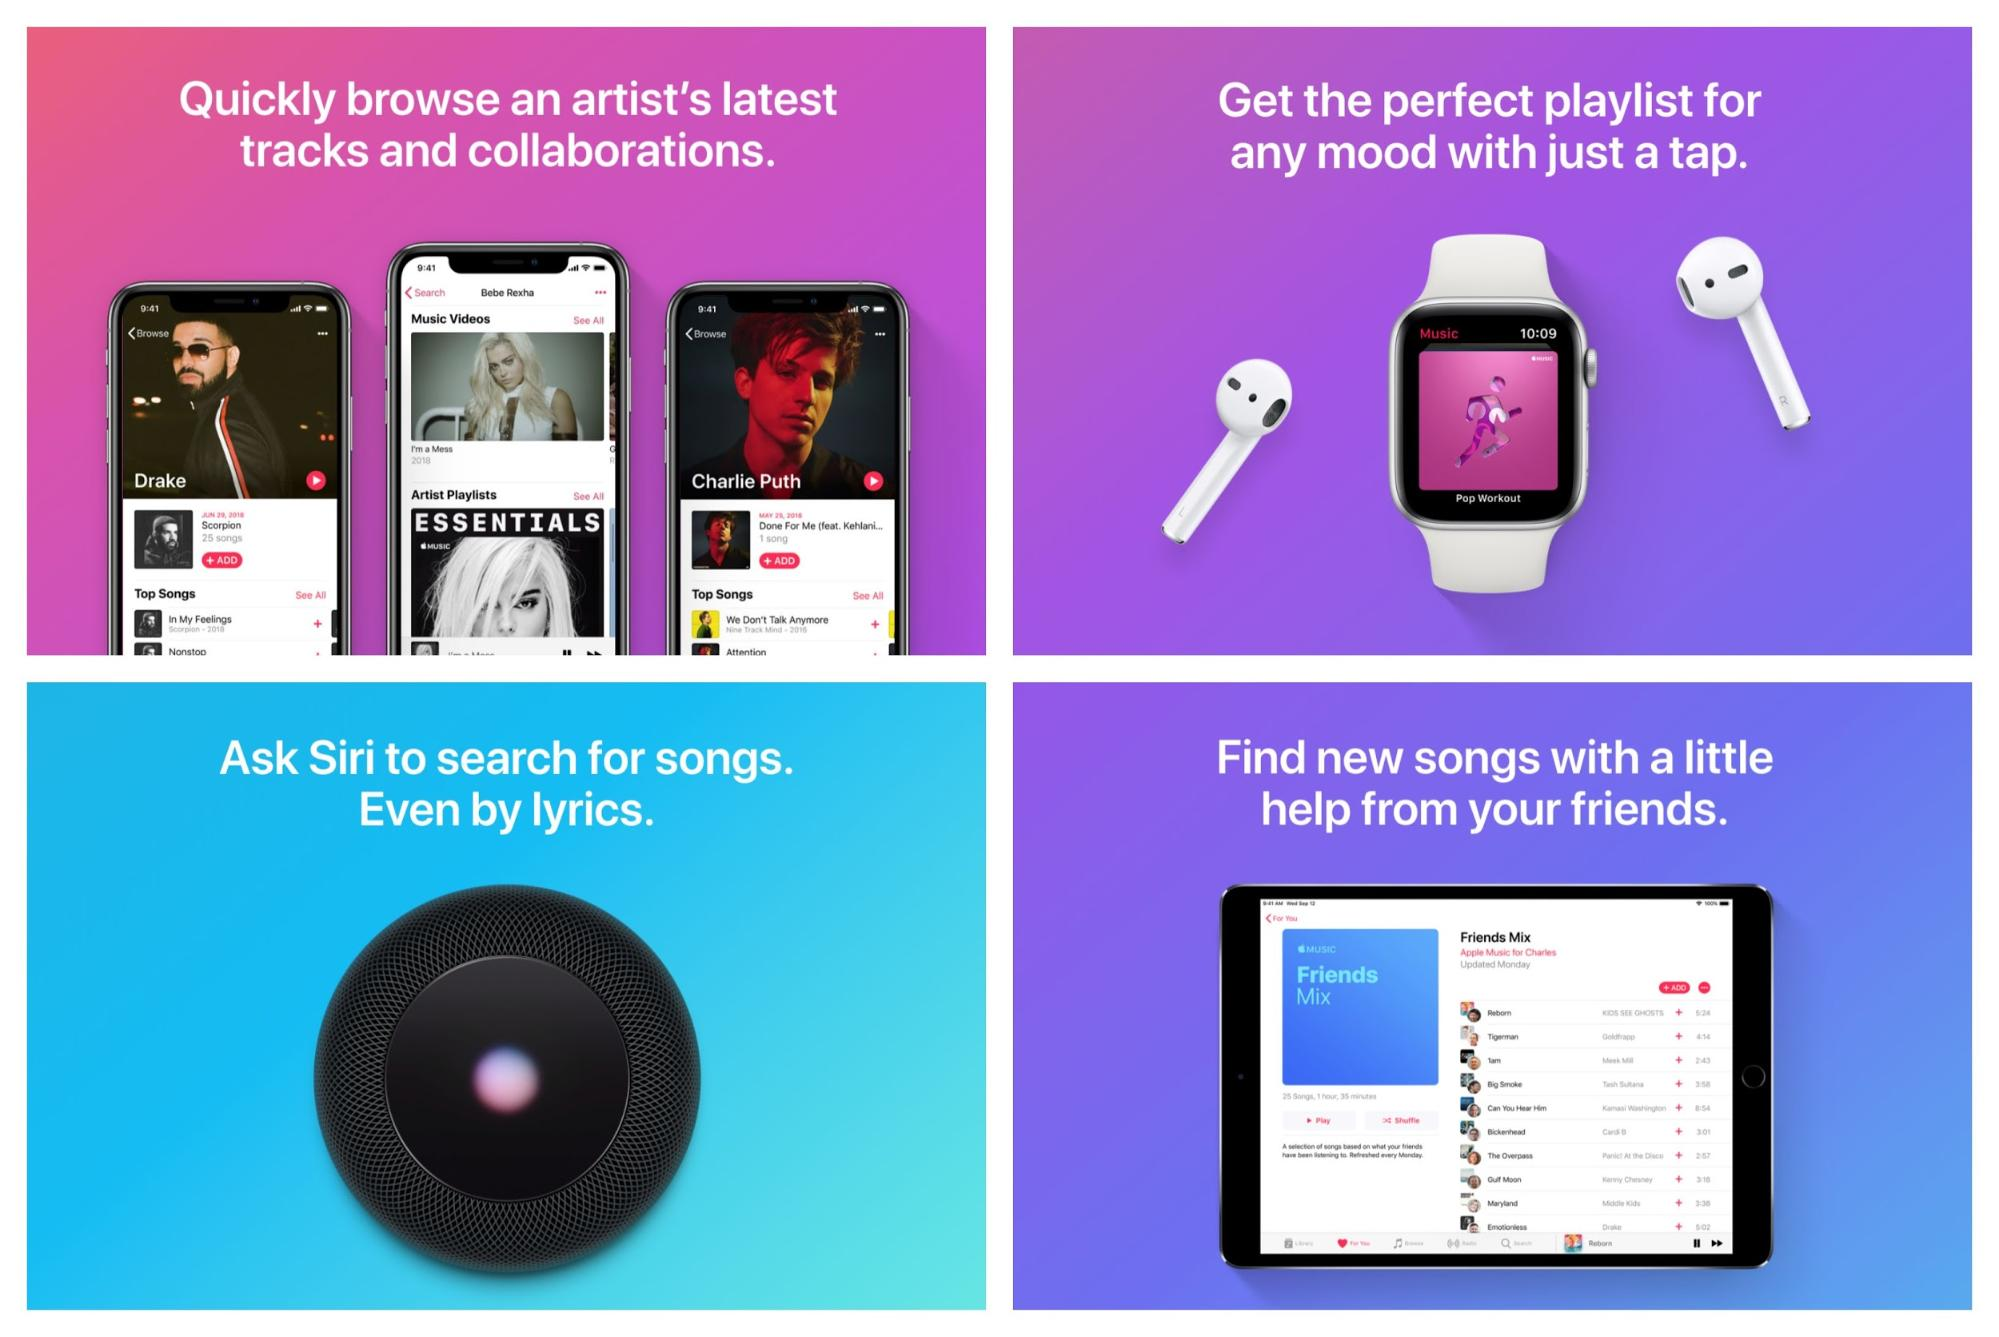 Imagen 006 Spotify tendencias diseno grafico 2019 - Tendencias Diseño Gráfico 2019